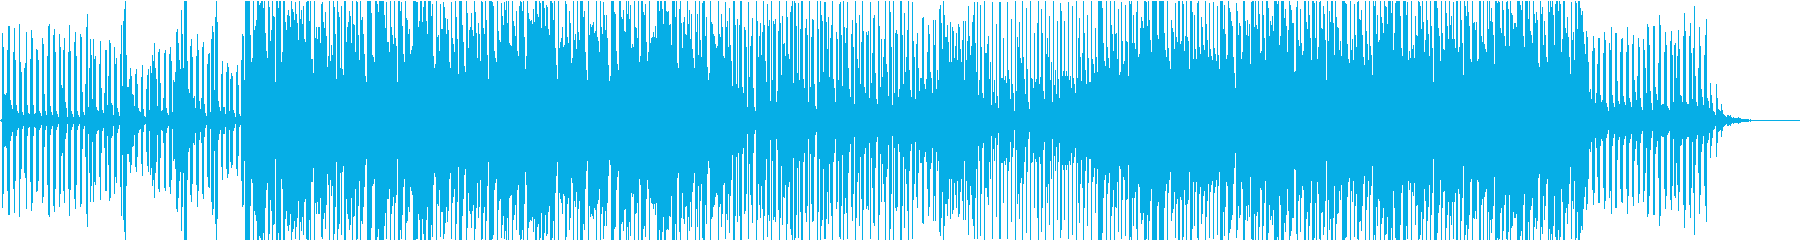 初夏を想起させる爽やかな旋律のトランスの再生済みの波形